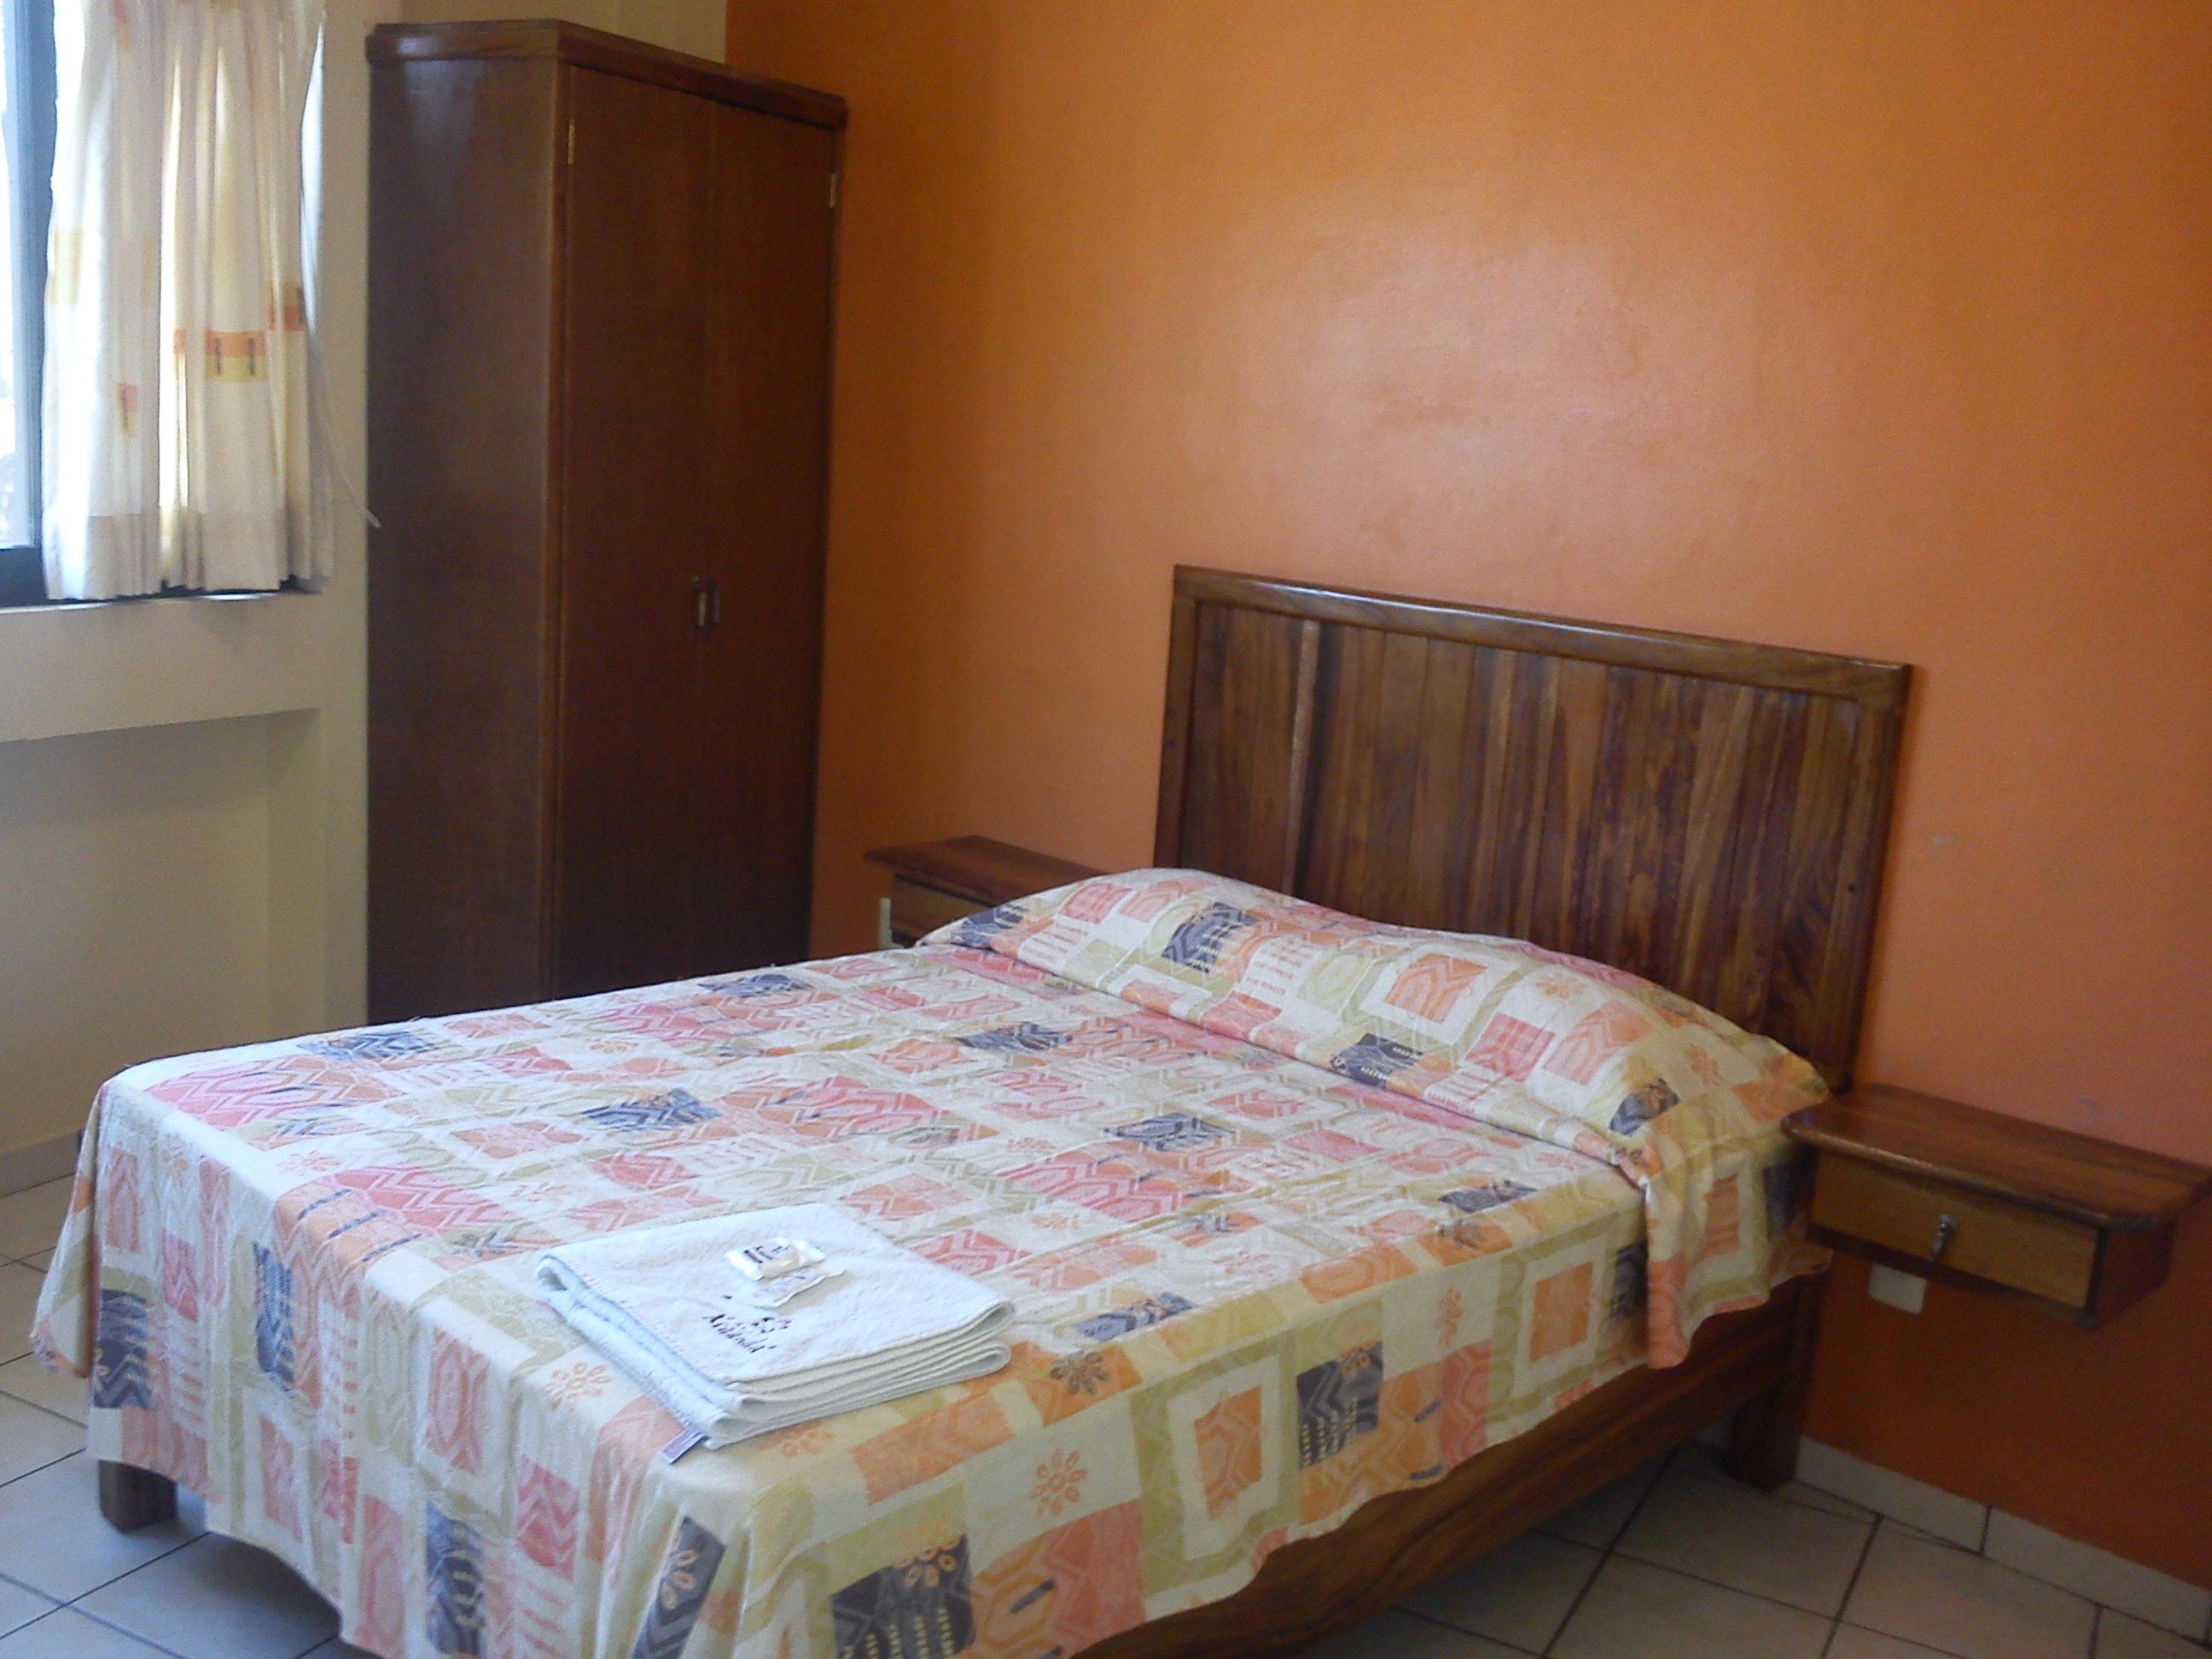 Sencilla xcaanda hotel en juchitan istmo oaxaca for Cama sencilla